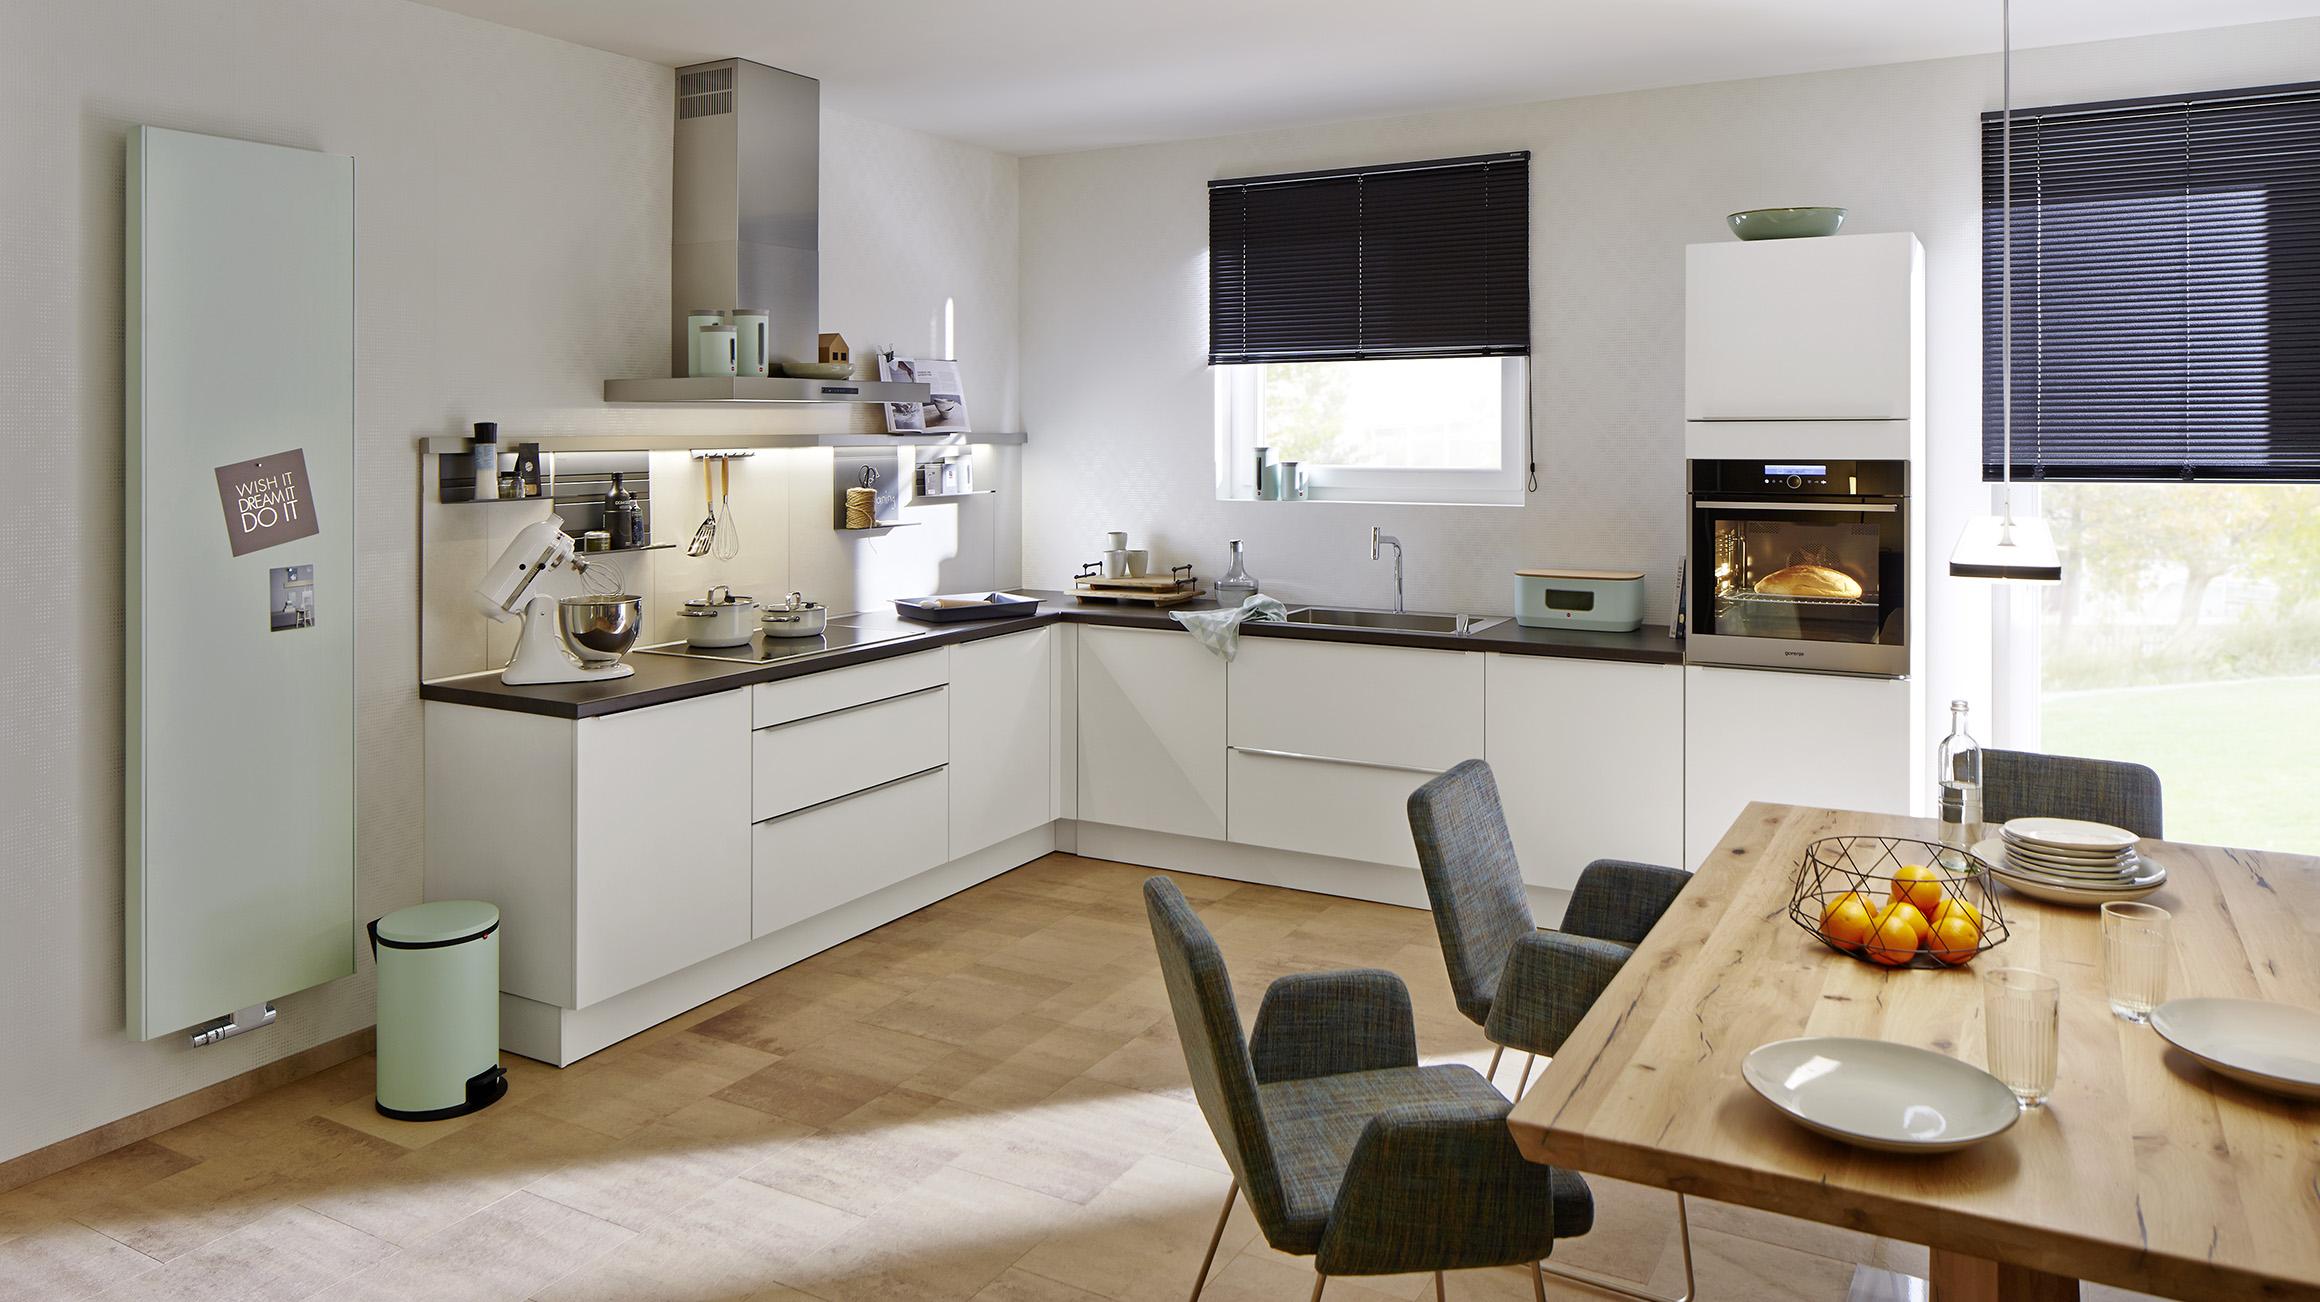 Gemütliche Küche Einrichten   Gemütliche Küche